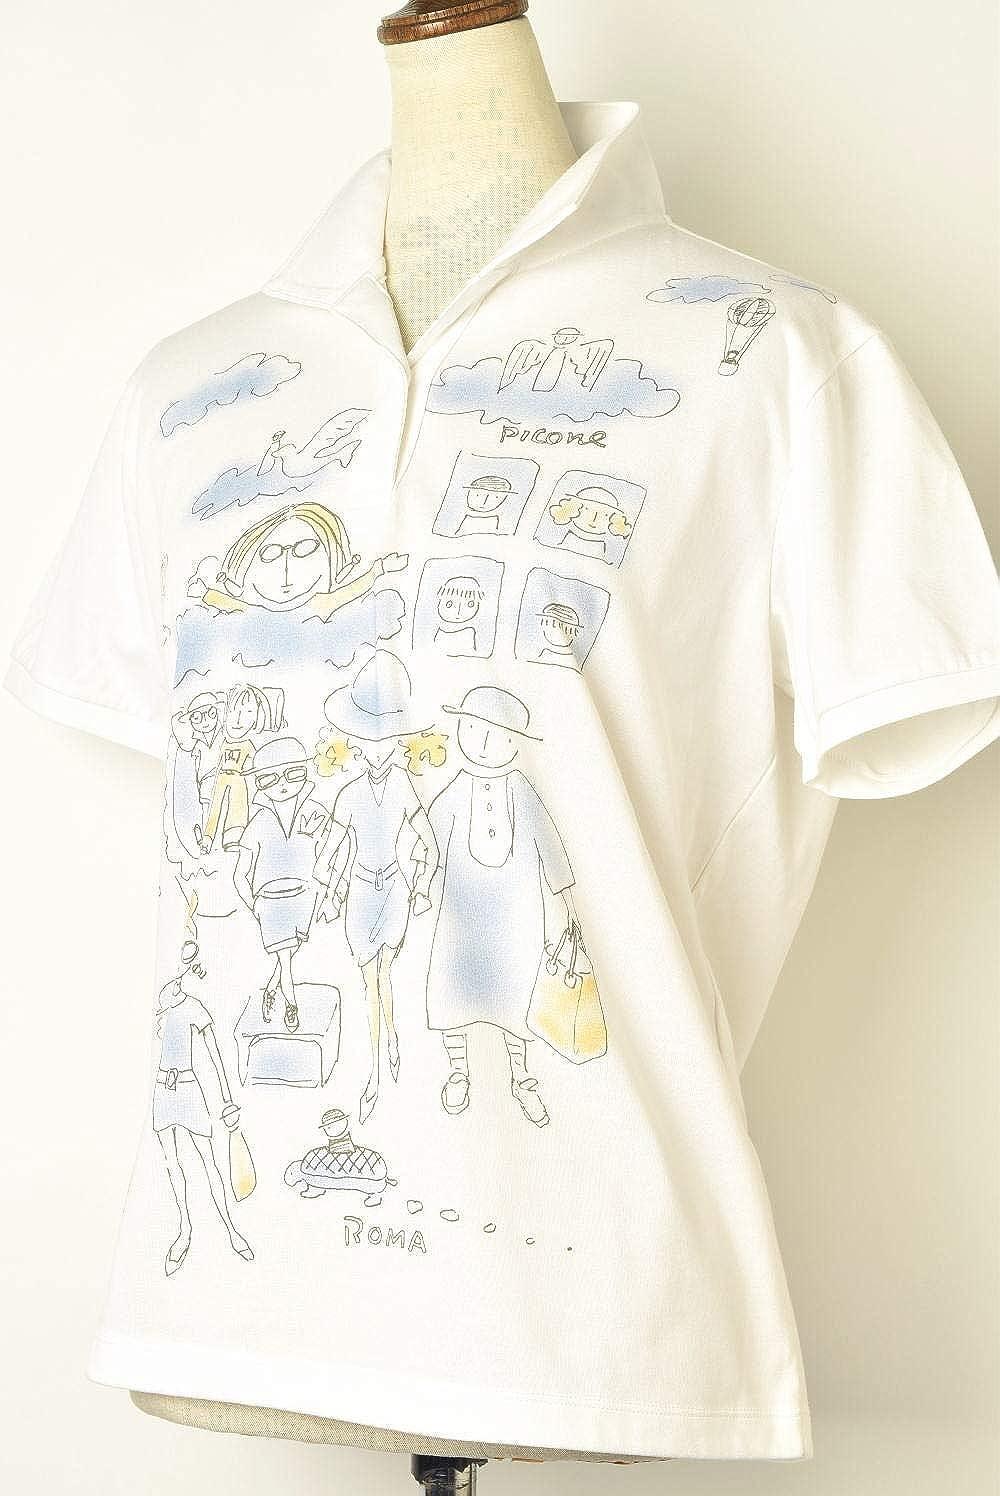 (ピッコーネ クラブ) PICONE CLUB 半袖ポロシャツ レディース ゴルフ c859504 M(01) ホワイト×ブルー(196) B07TD2BCW7